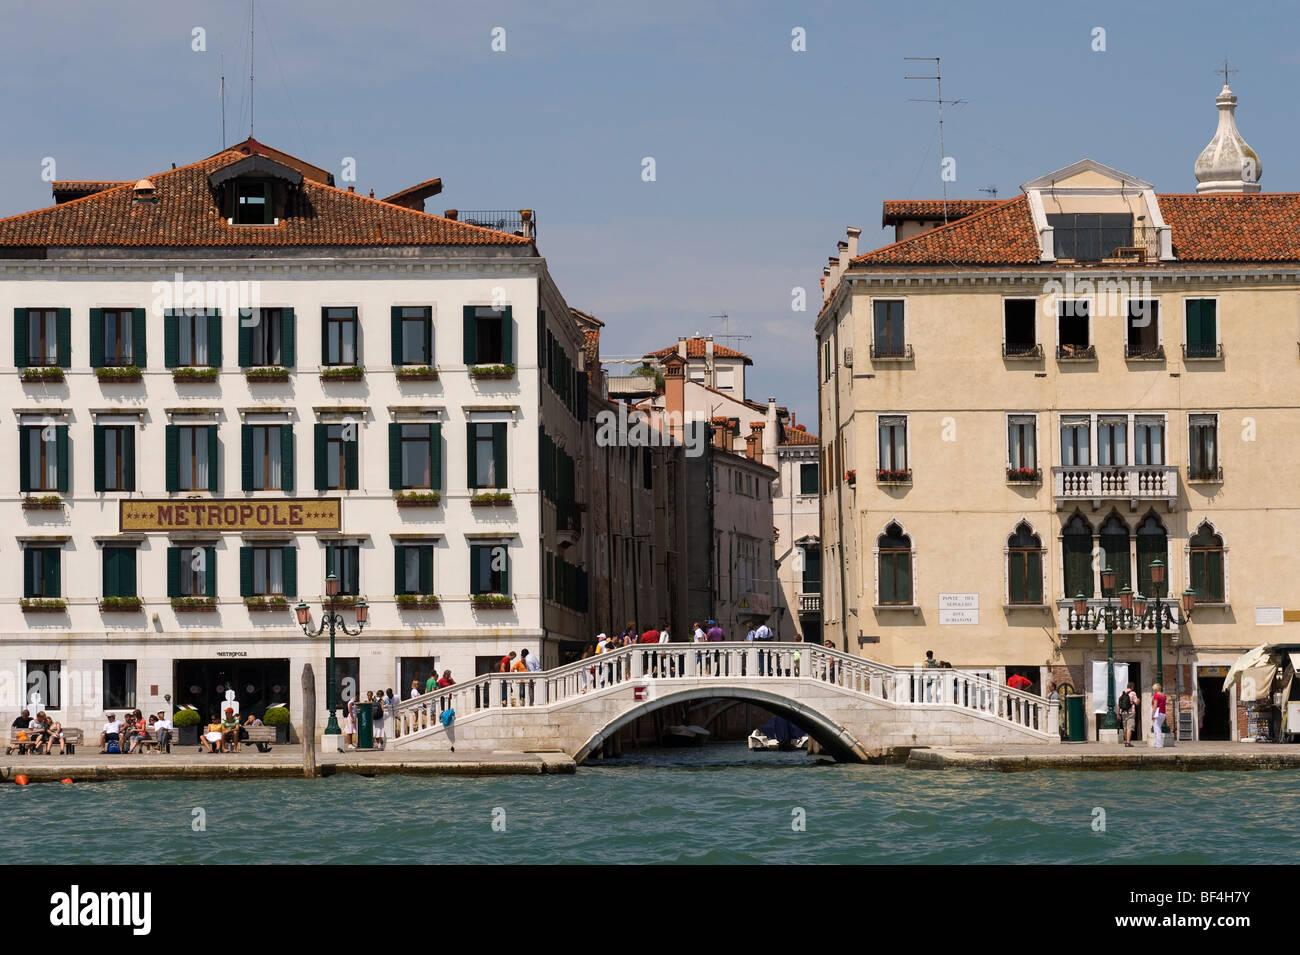 Hotel Metropole Venice Italien